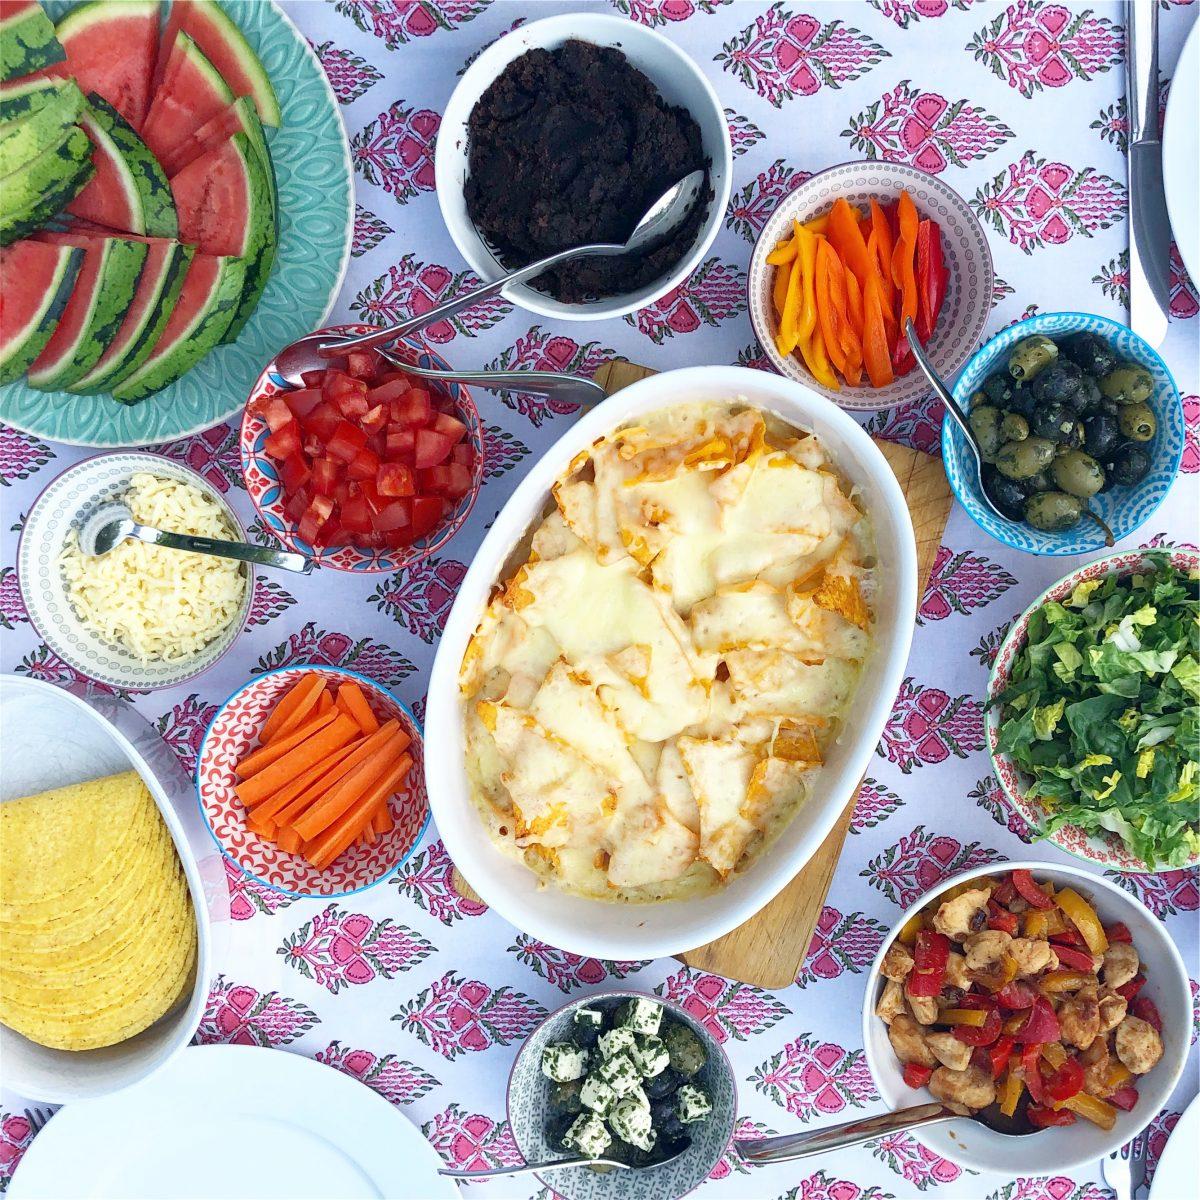 Panamerikanisches Foodfestival | berlinmittemom.com